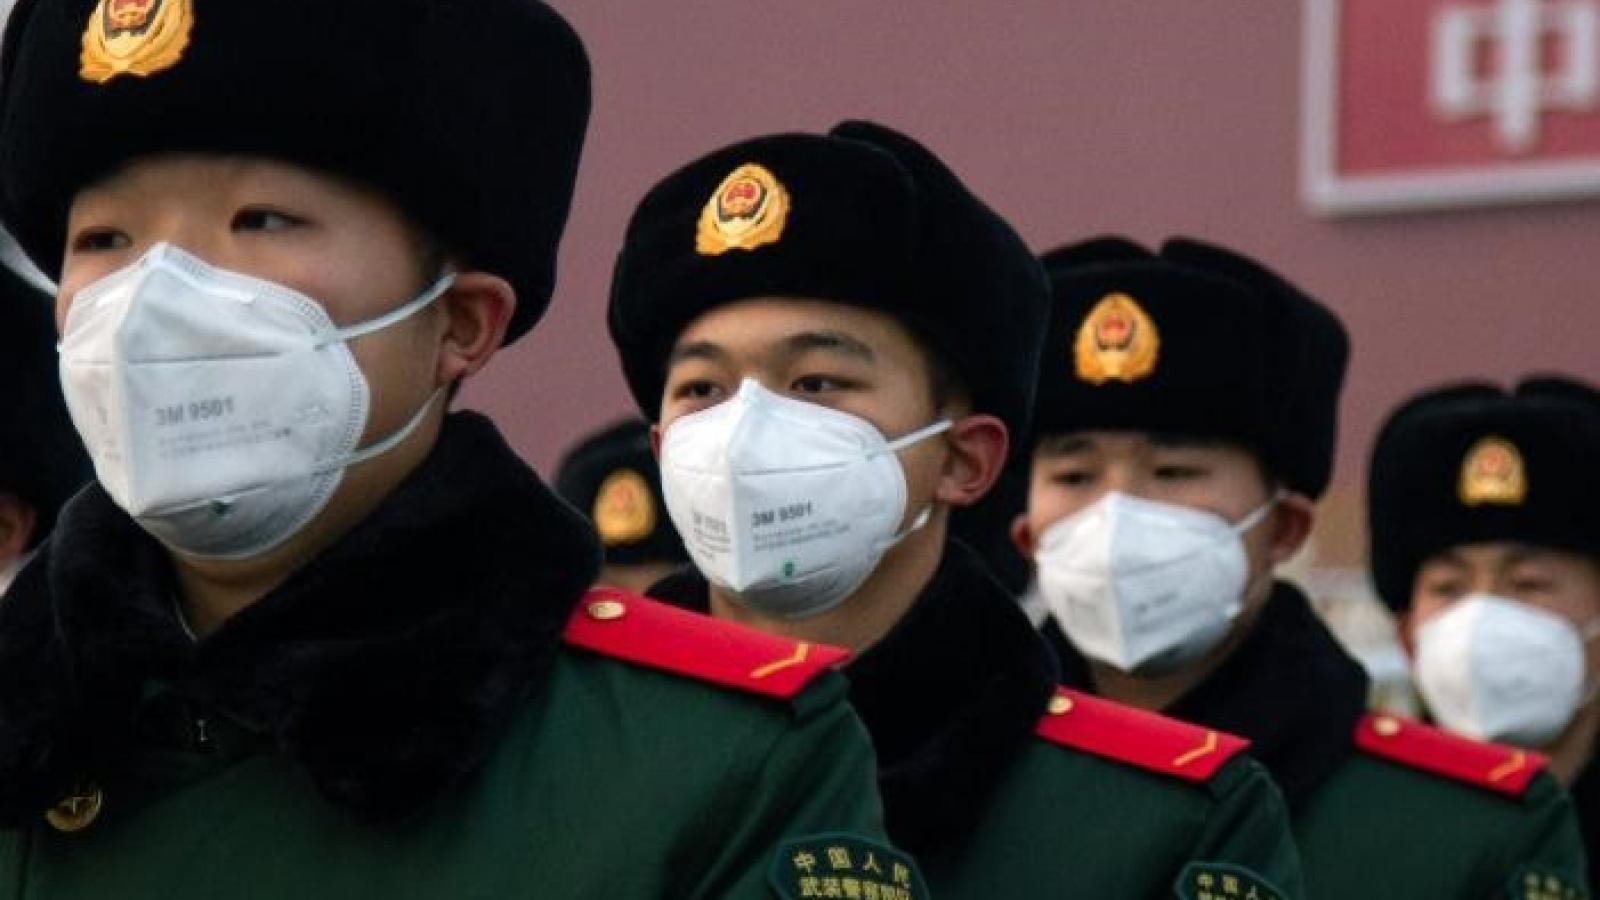 Thư Lan (Trung Quốc) sẽ xử rắn với các vi phạm phong tỏa vì Covid-19